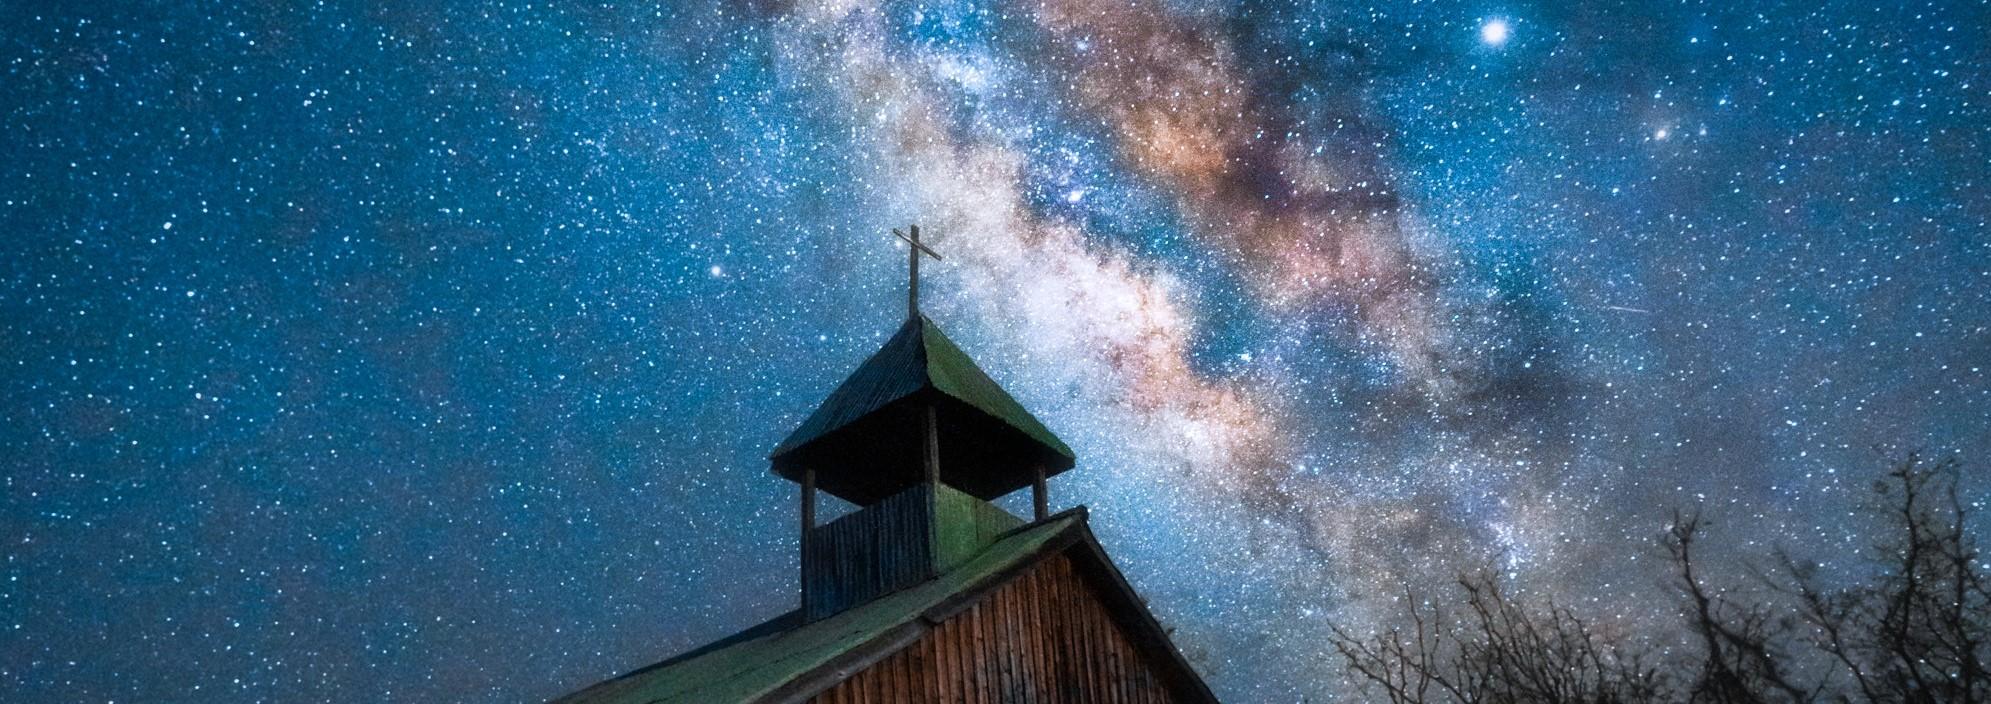 steeple night sky